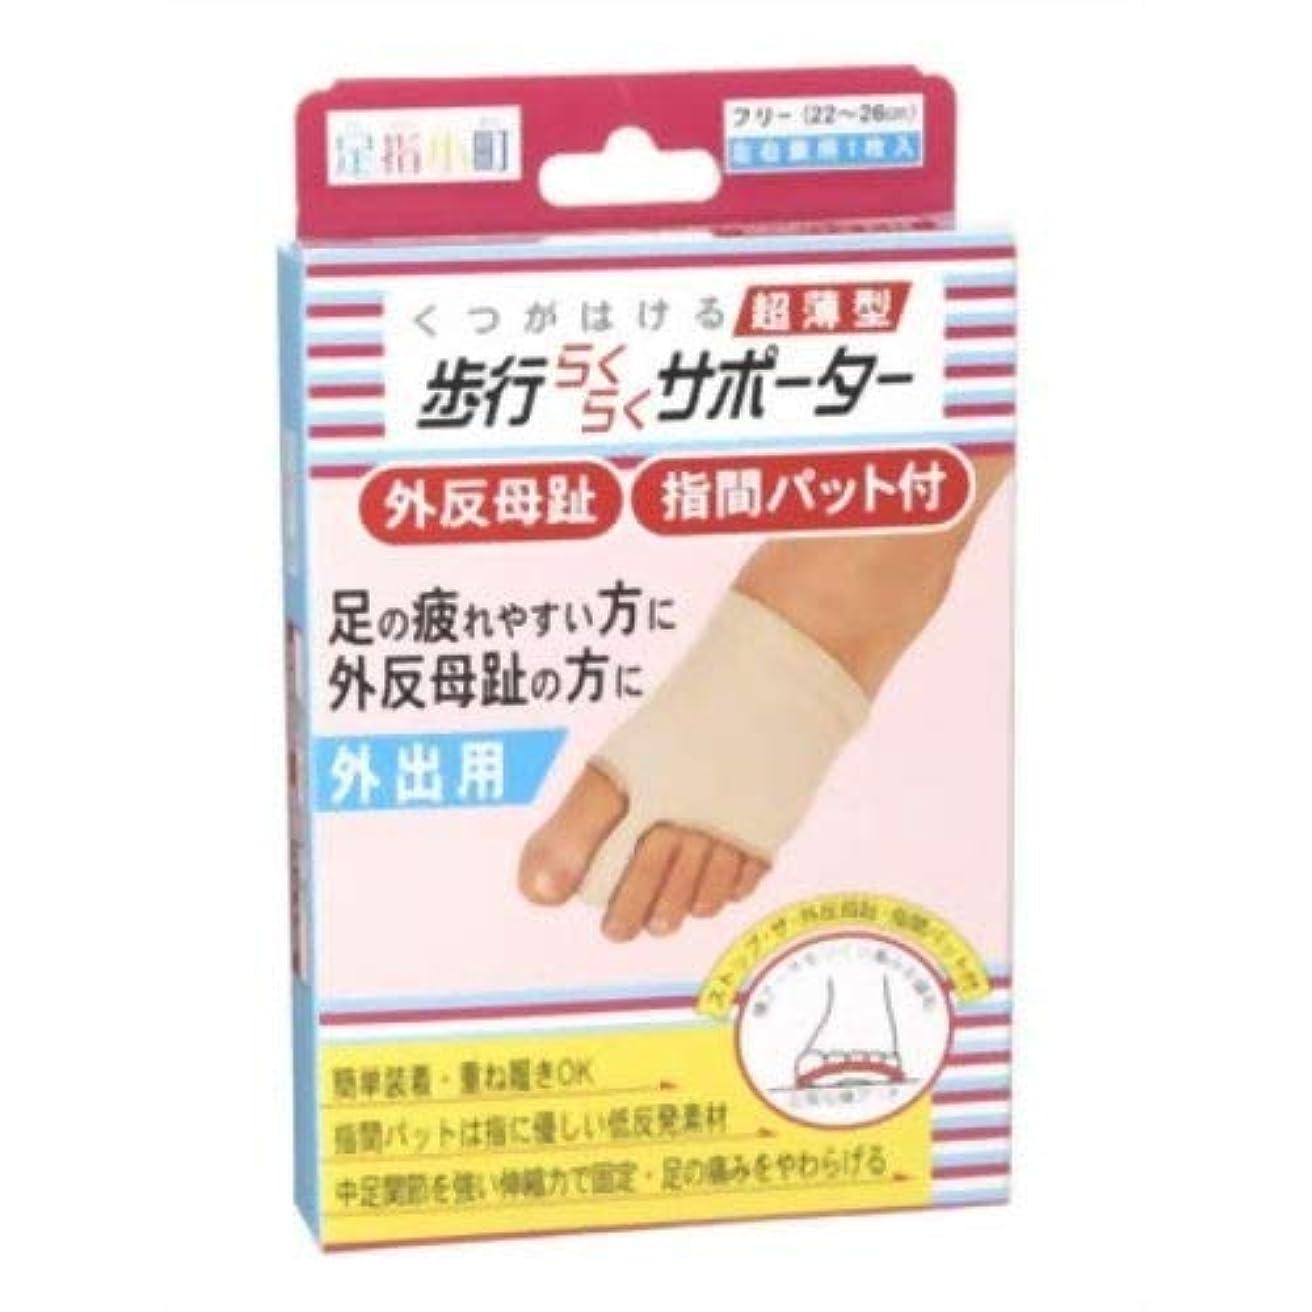 協定乱用受動的足指小町歩行らくらくサポーター指間パット付 ×3個セット